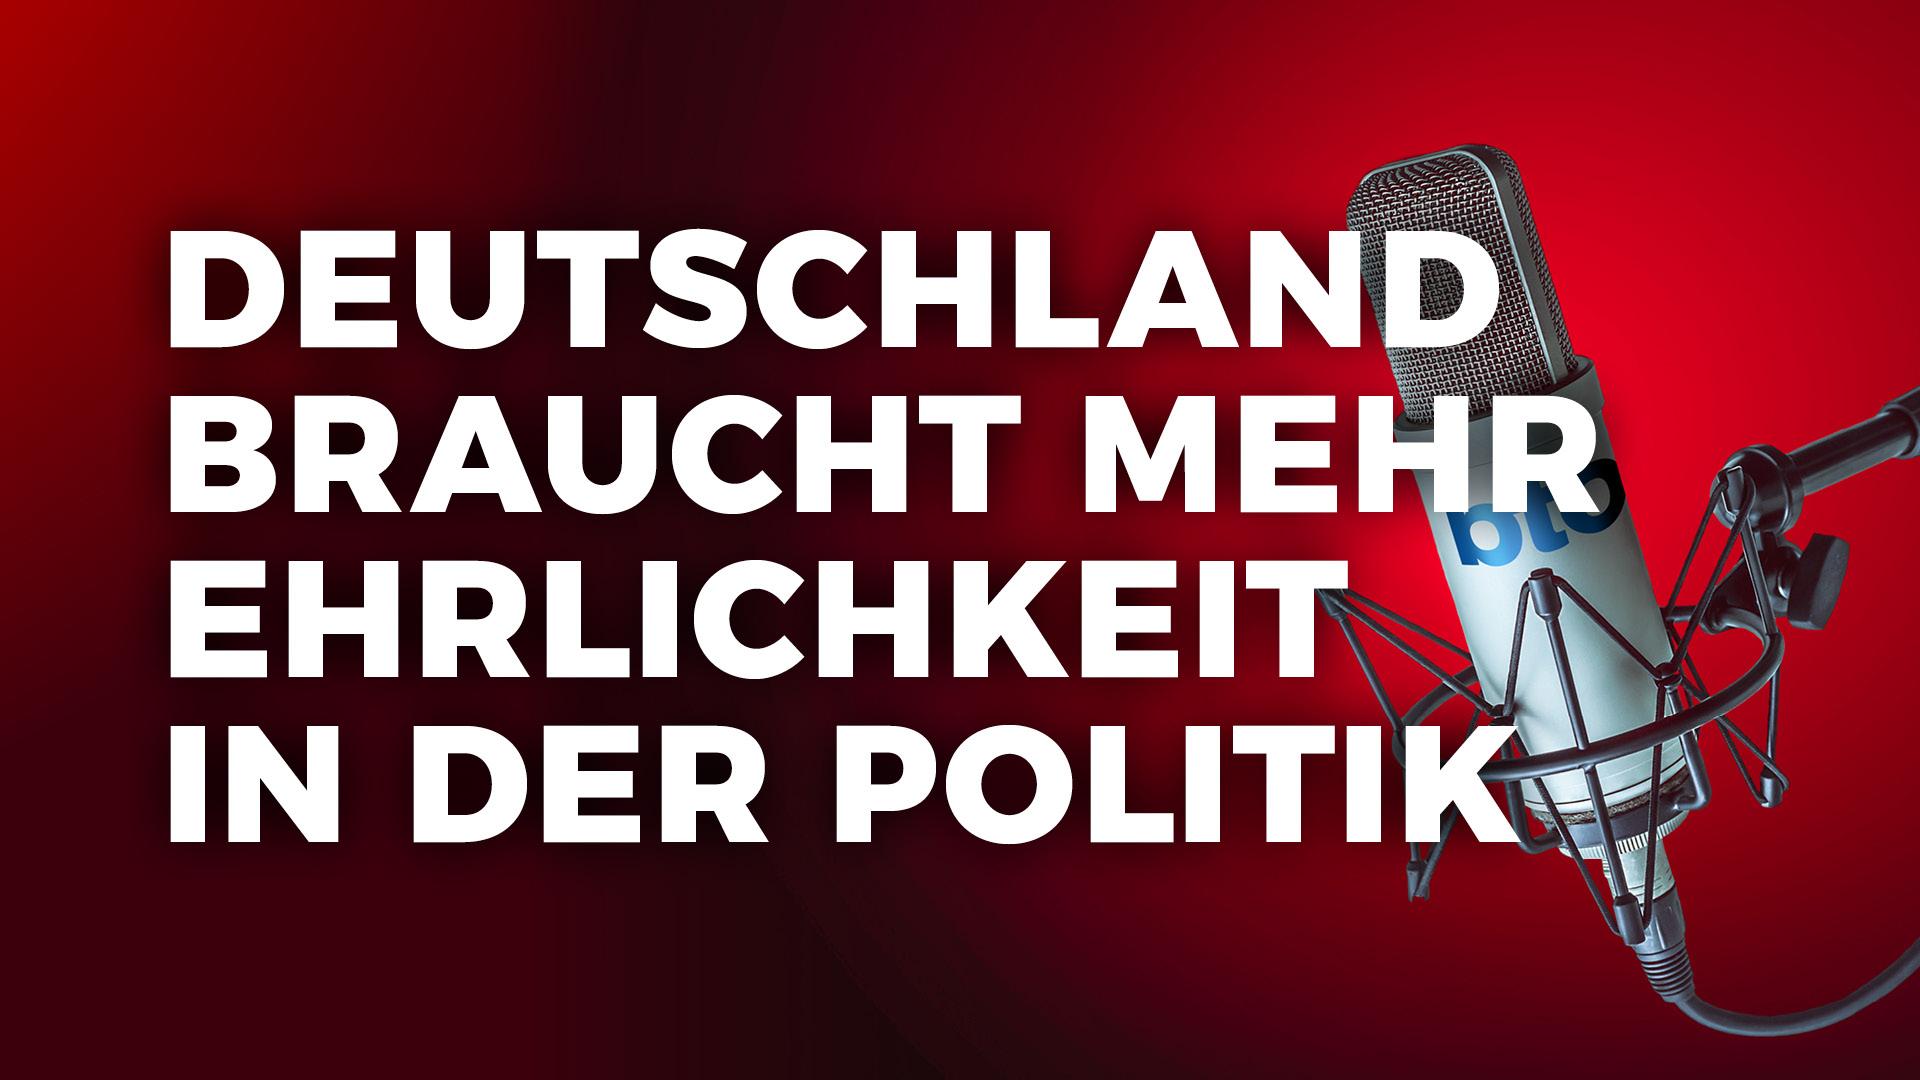 Deutschland braucht mehr Ehrlichkeit in der Politik